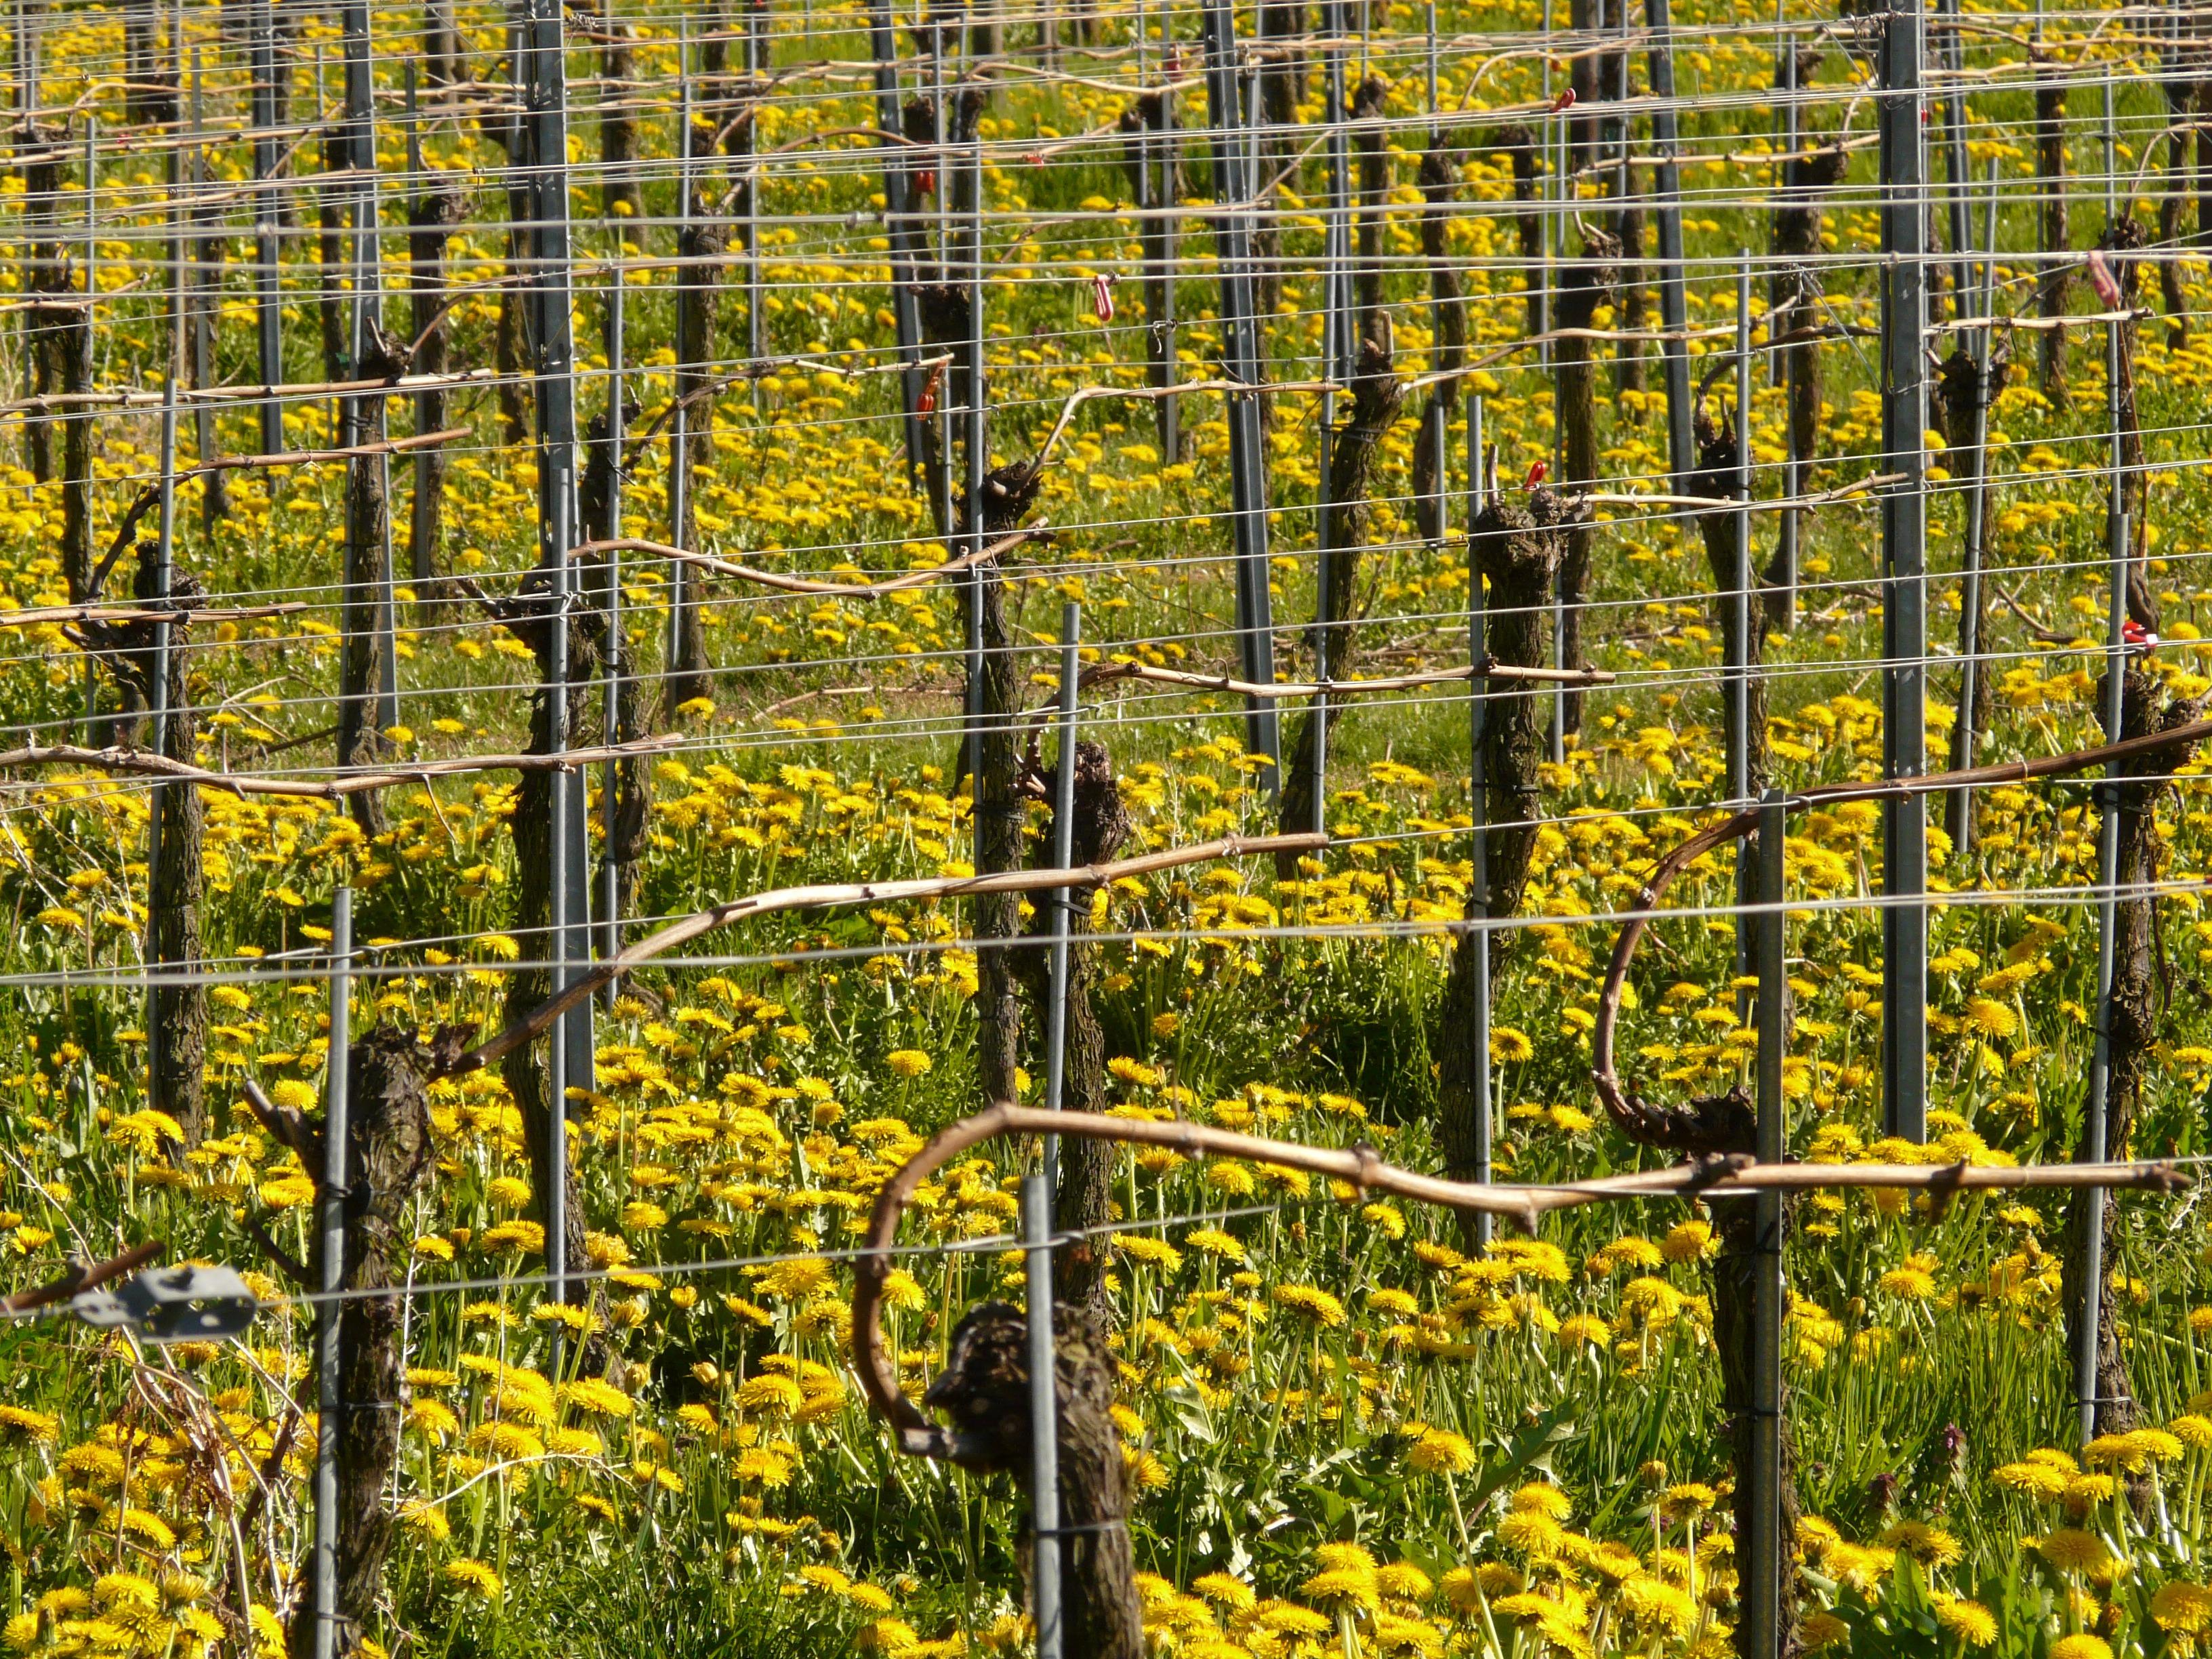 Images Gratuites : arbre, forêt, Montagne, poster, vigne, vignoble ...